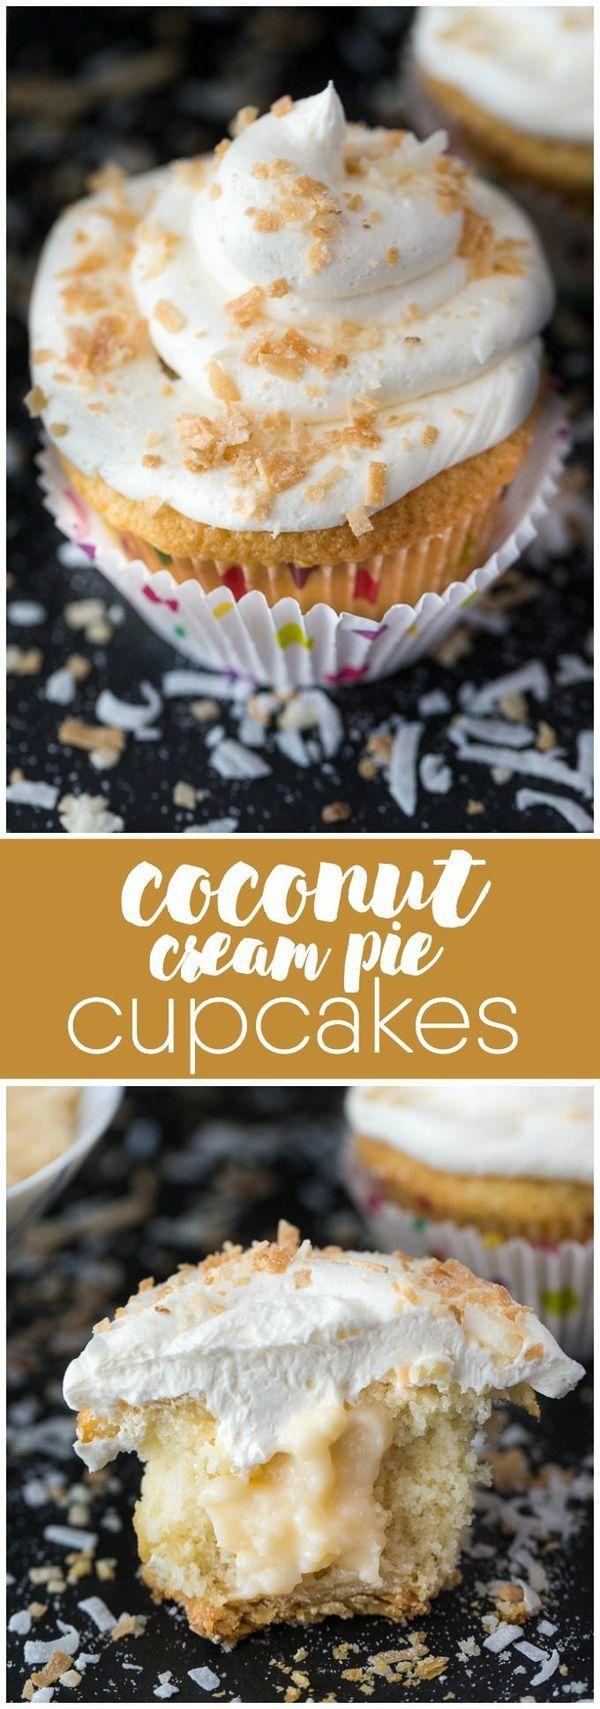 Coconut Cream Pie Cupcakes Recipe - Think Coconut Cream Pie but in a cupcake…